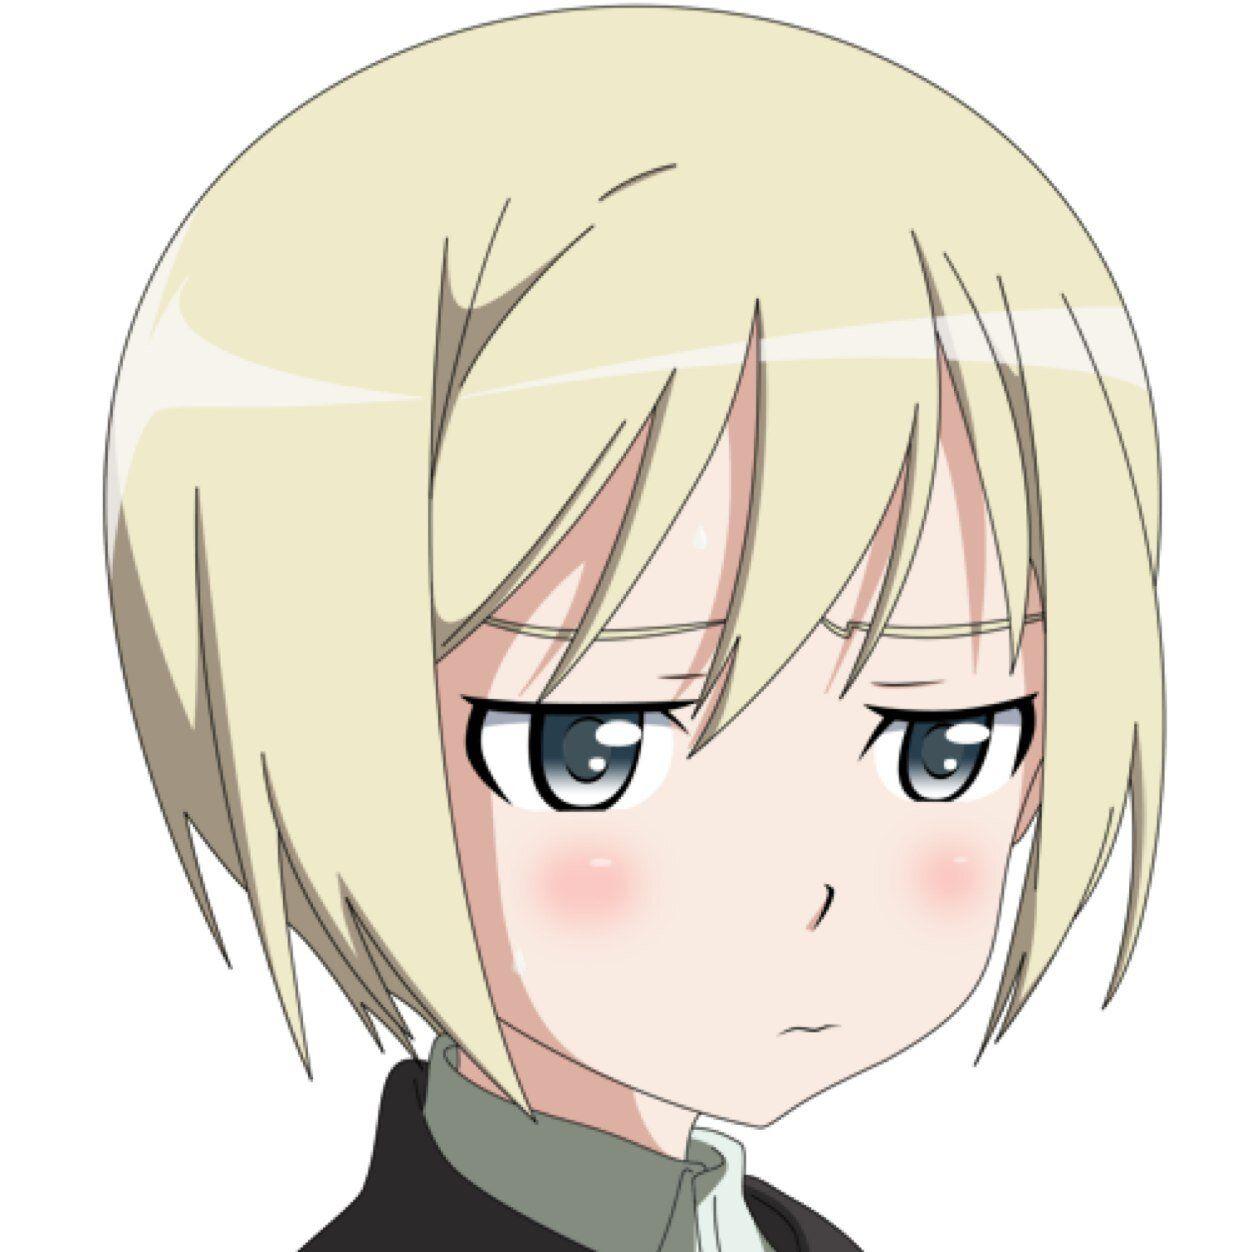 すもみ@浪人受験の為ツイ減 (Sumomi_egoist)さんはTwitterを使っています